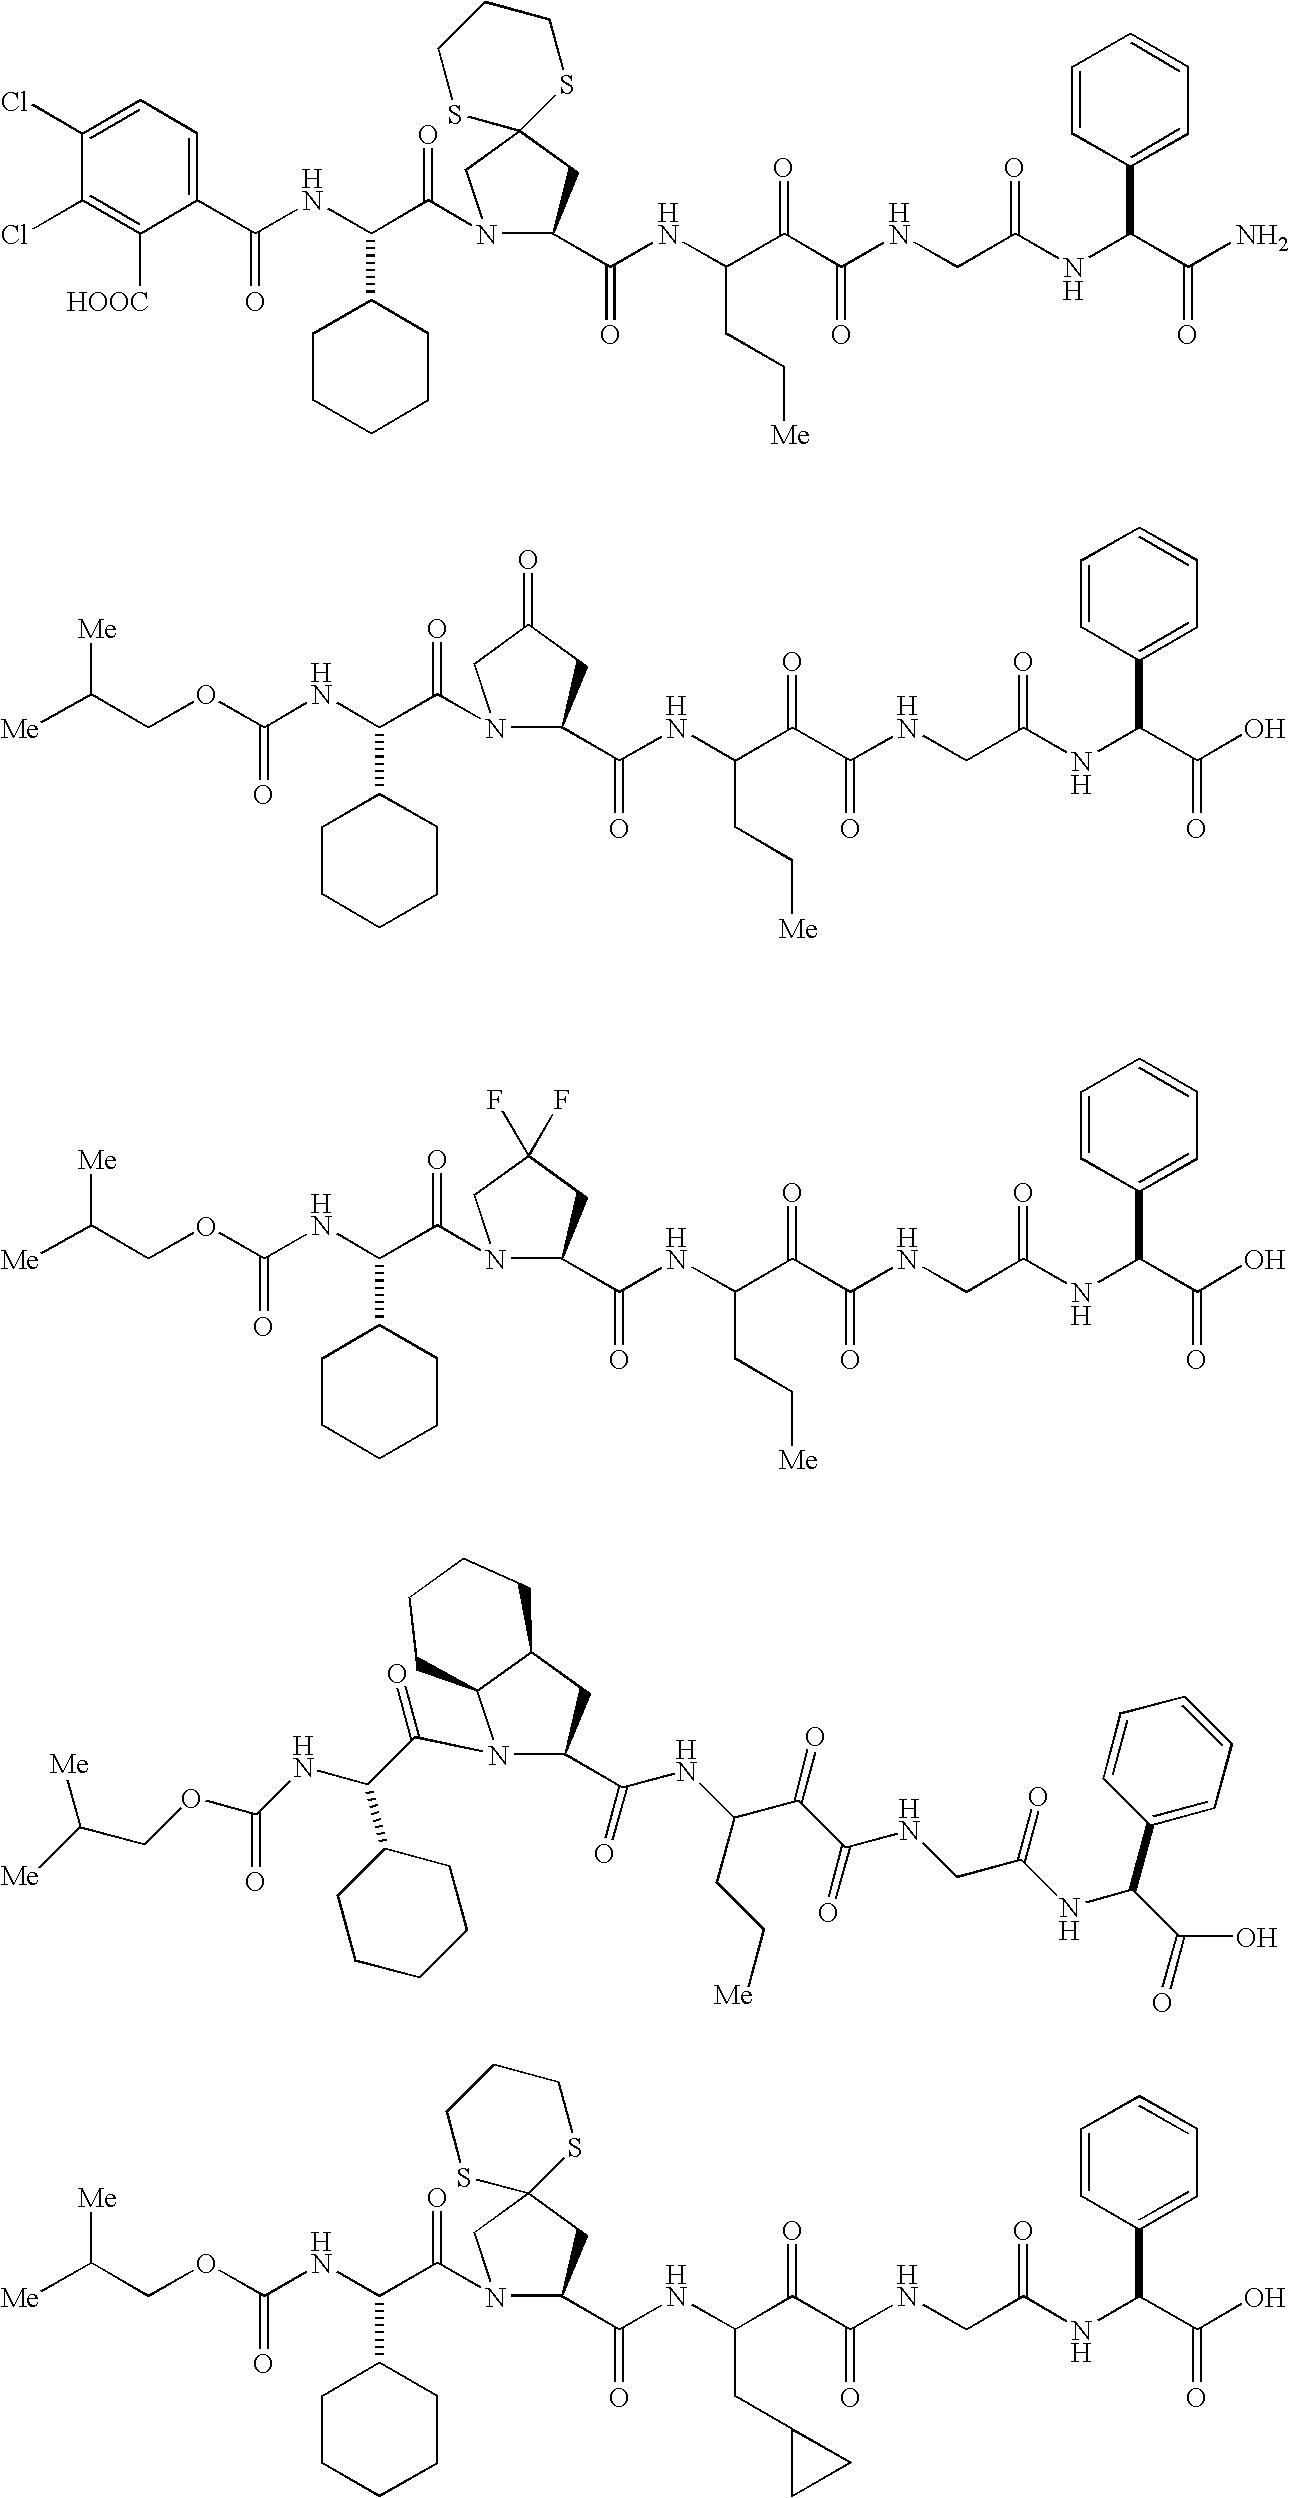 Figure US20060287248A1-20061221-C00100